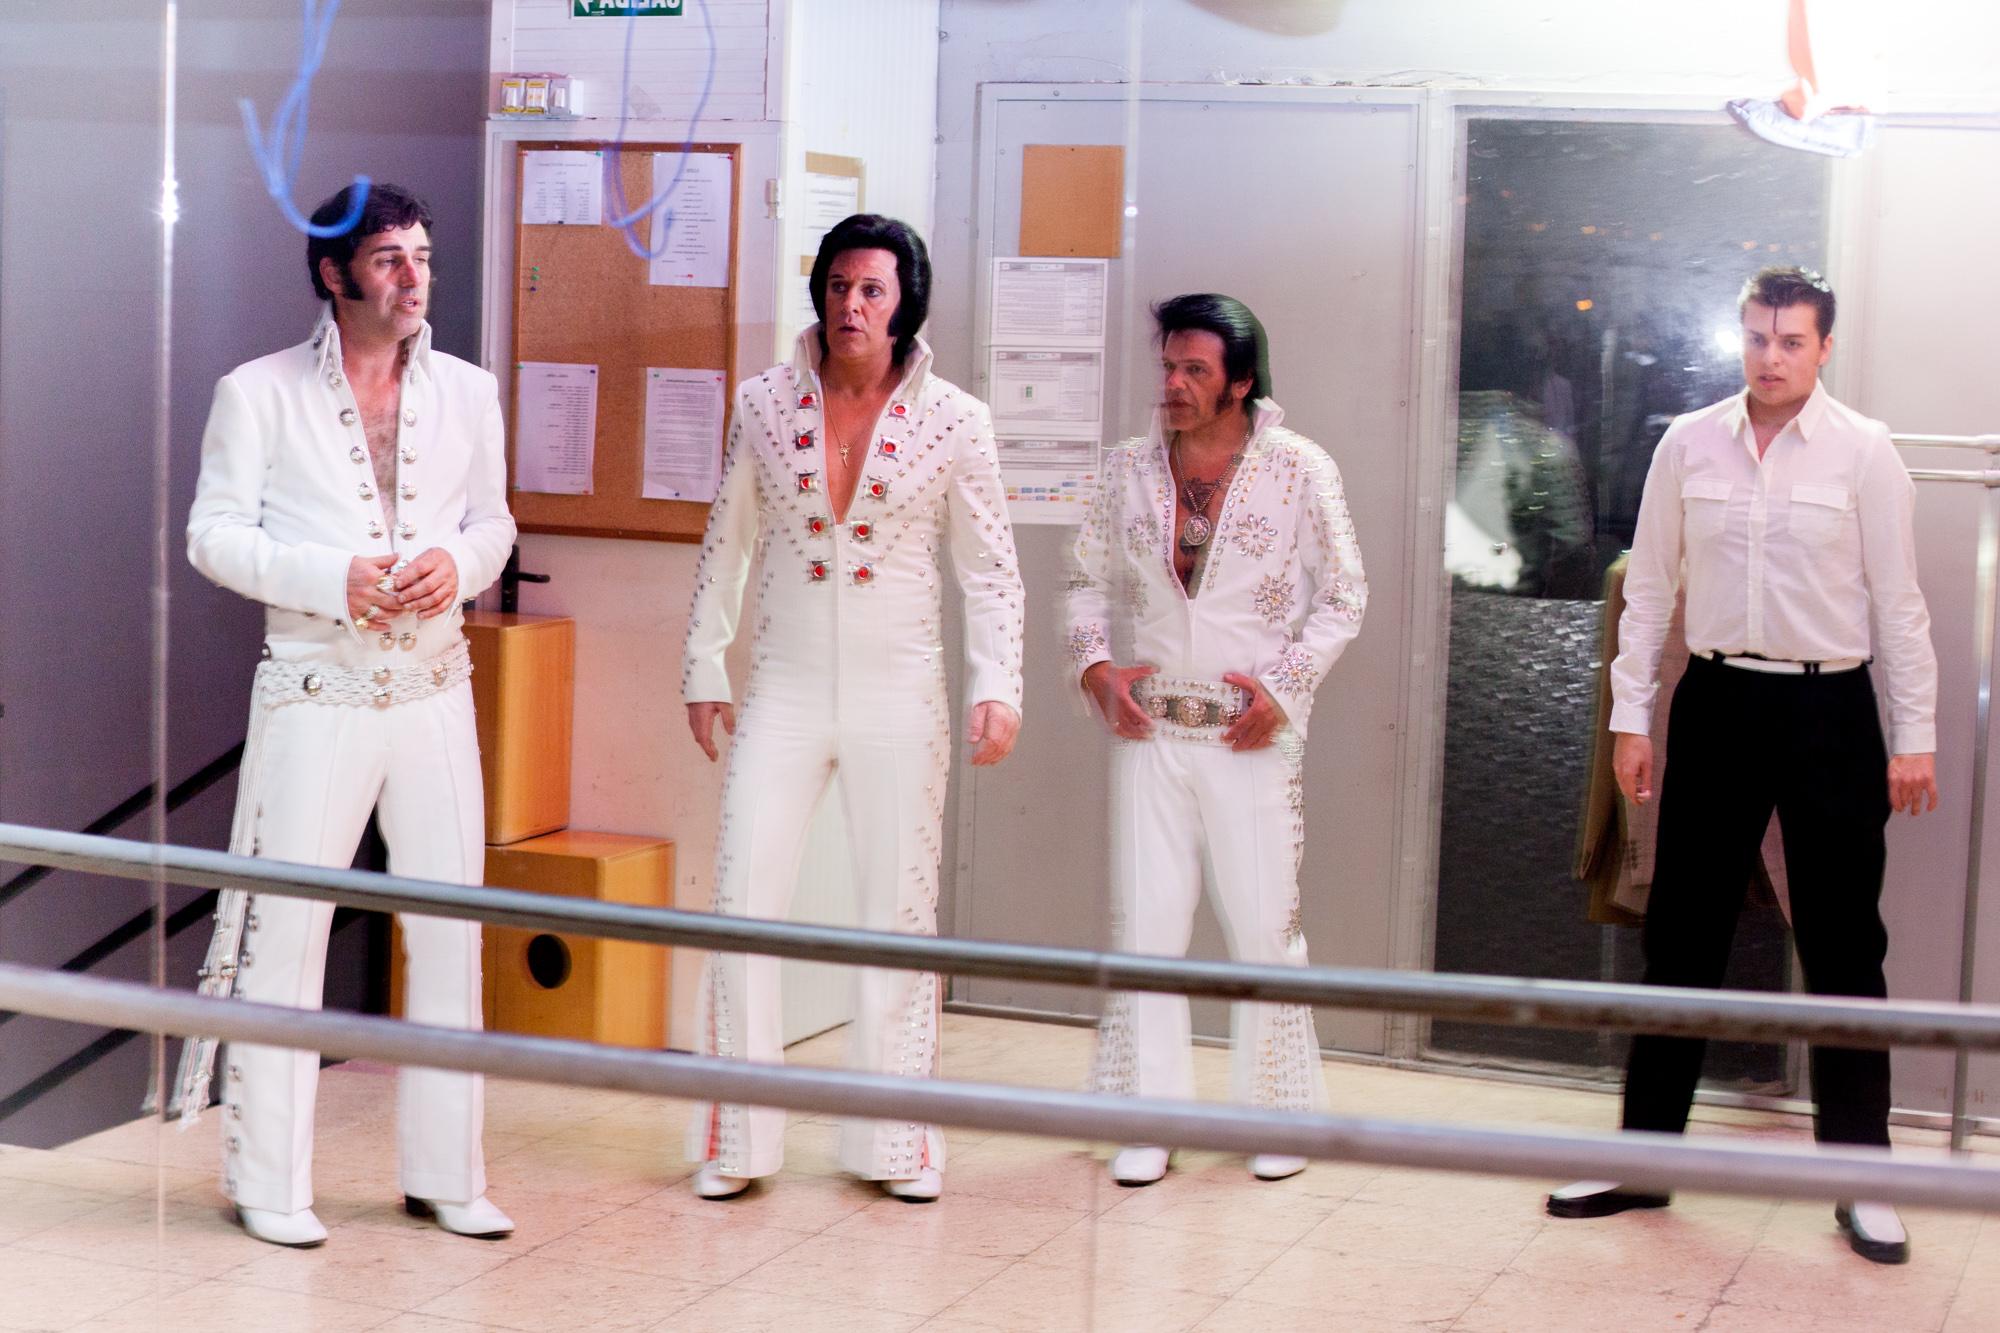 Elvis benidorm 1mb-19